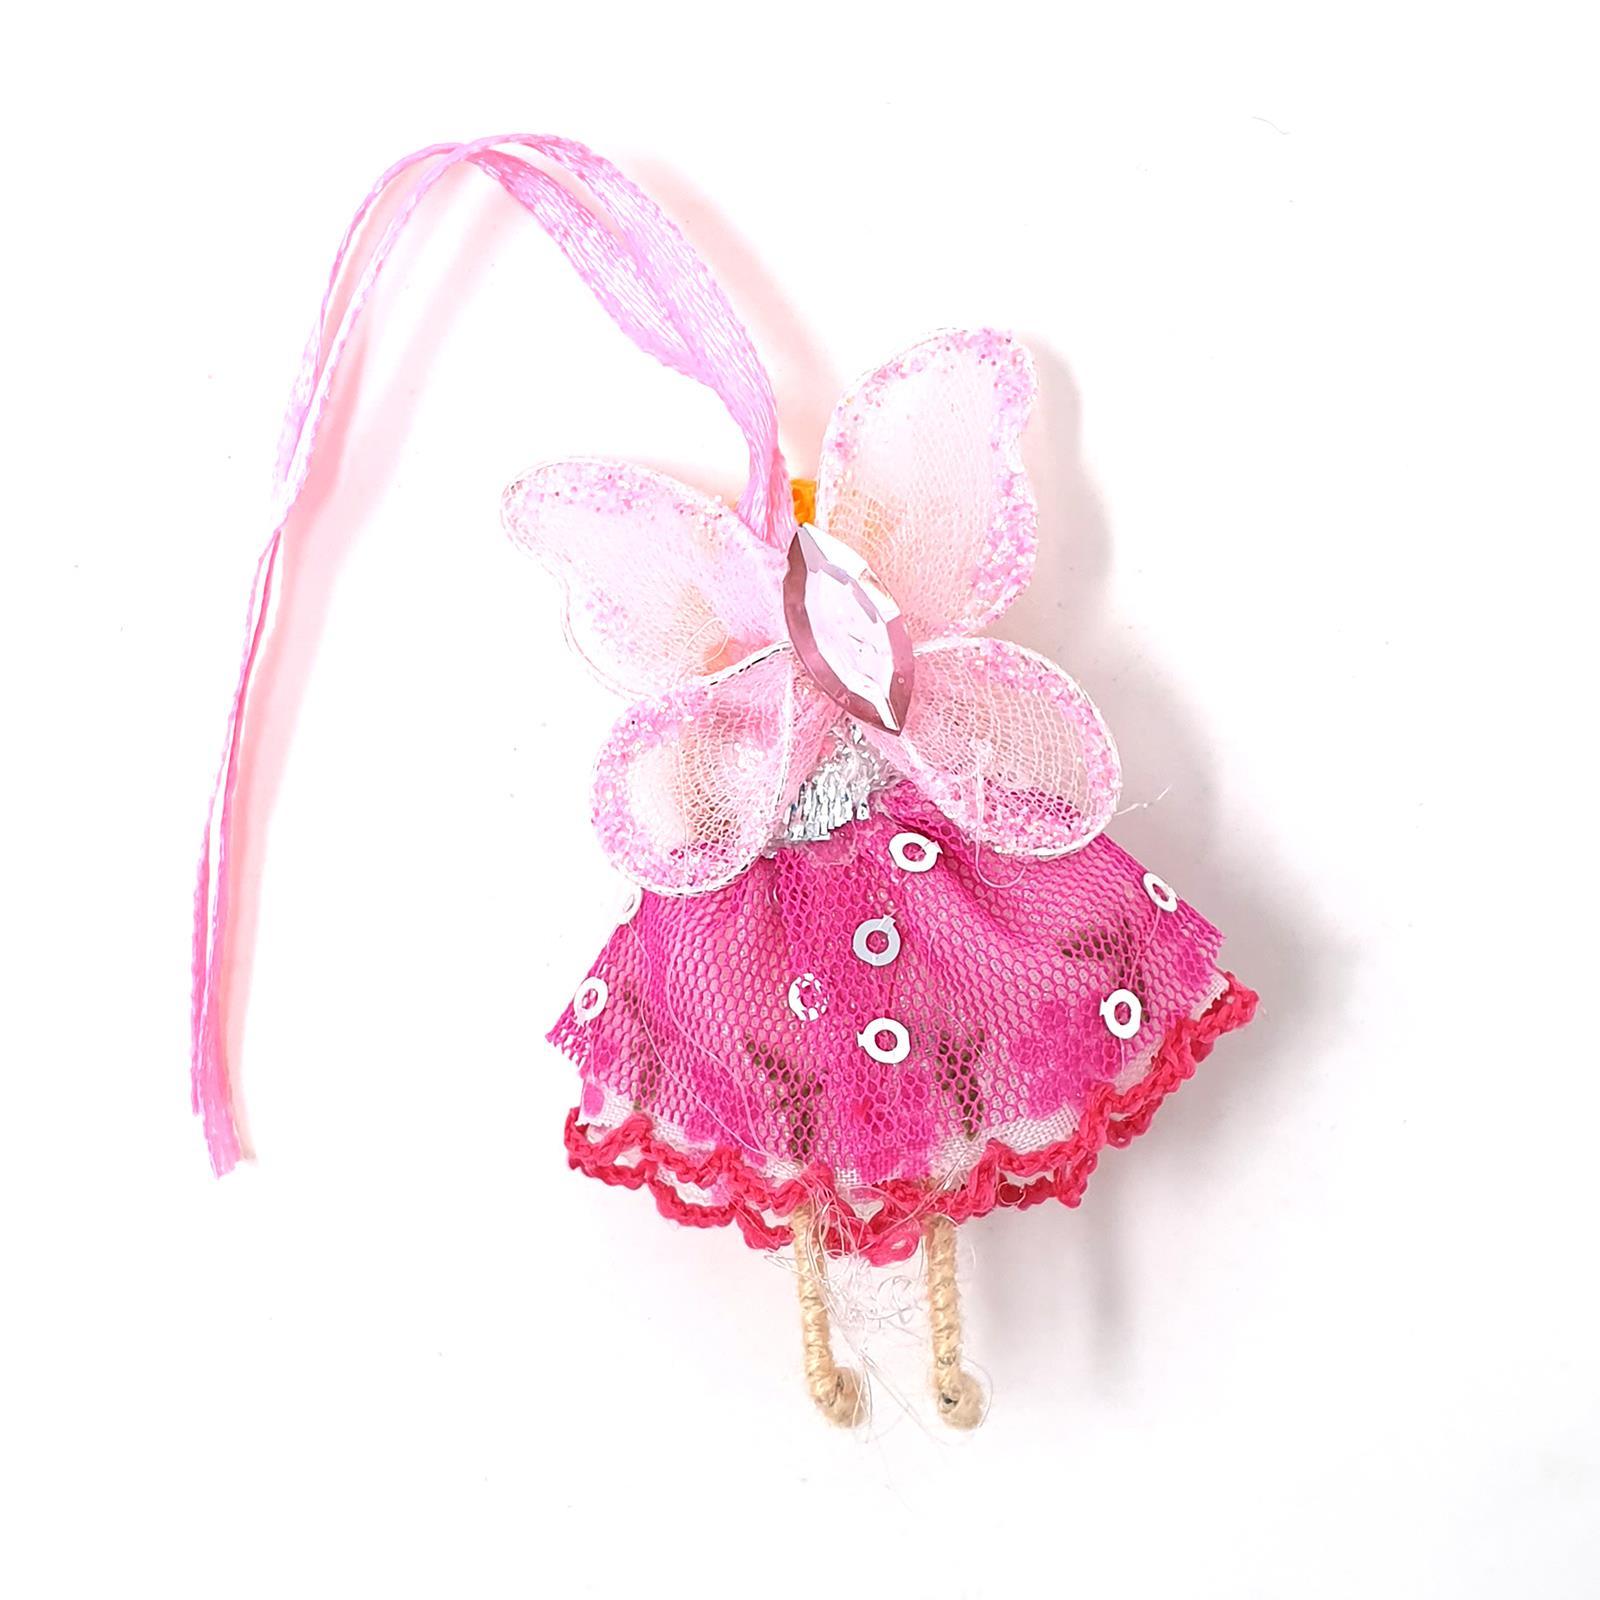 Fair Trade Wishing Fairies Cute Little Hanging Fairy Doll With Ribbon /& Bag